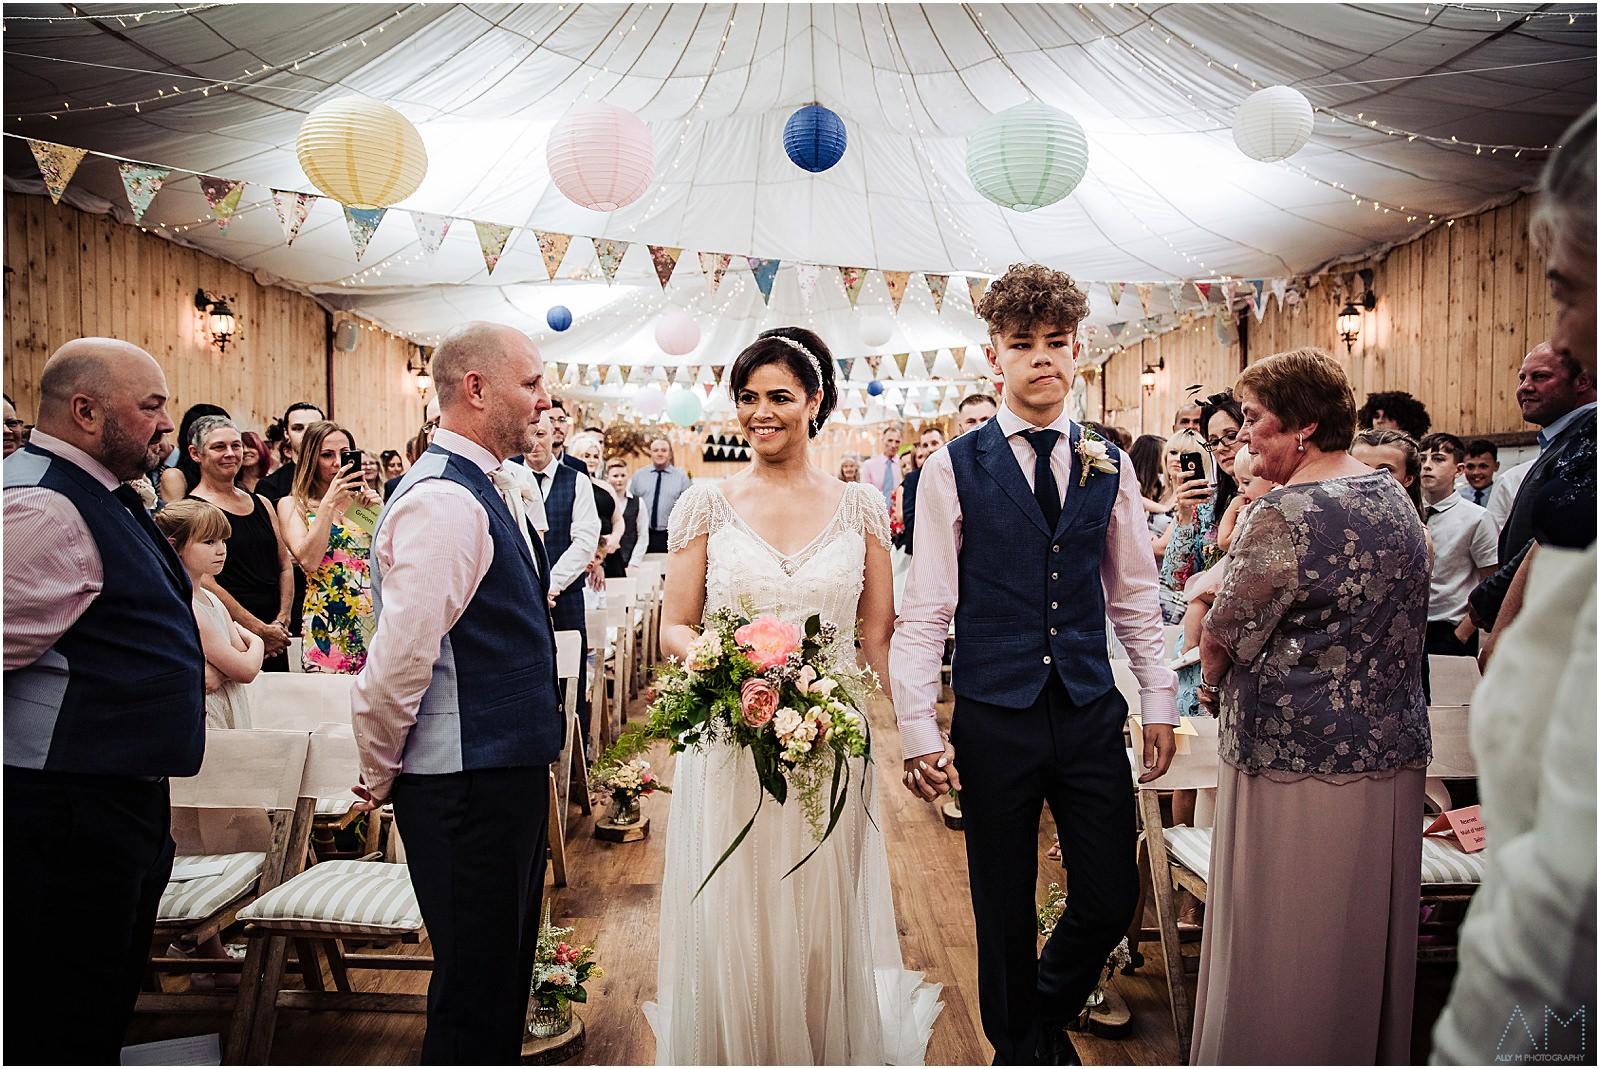 Wedding at Wellbeing farm